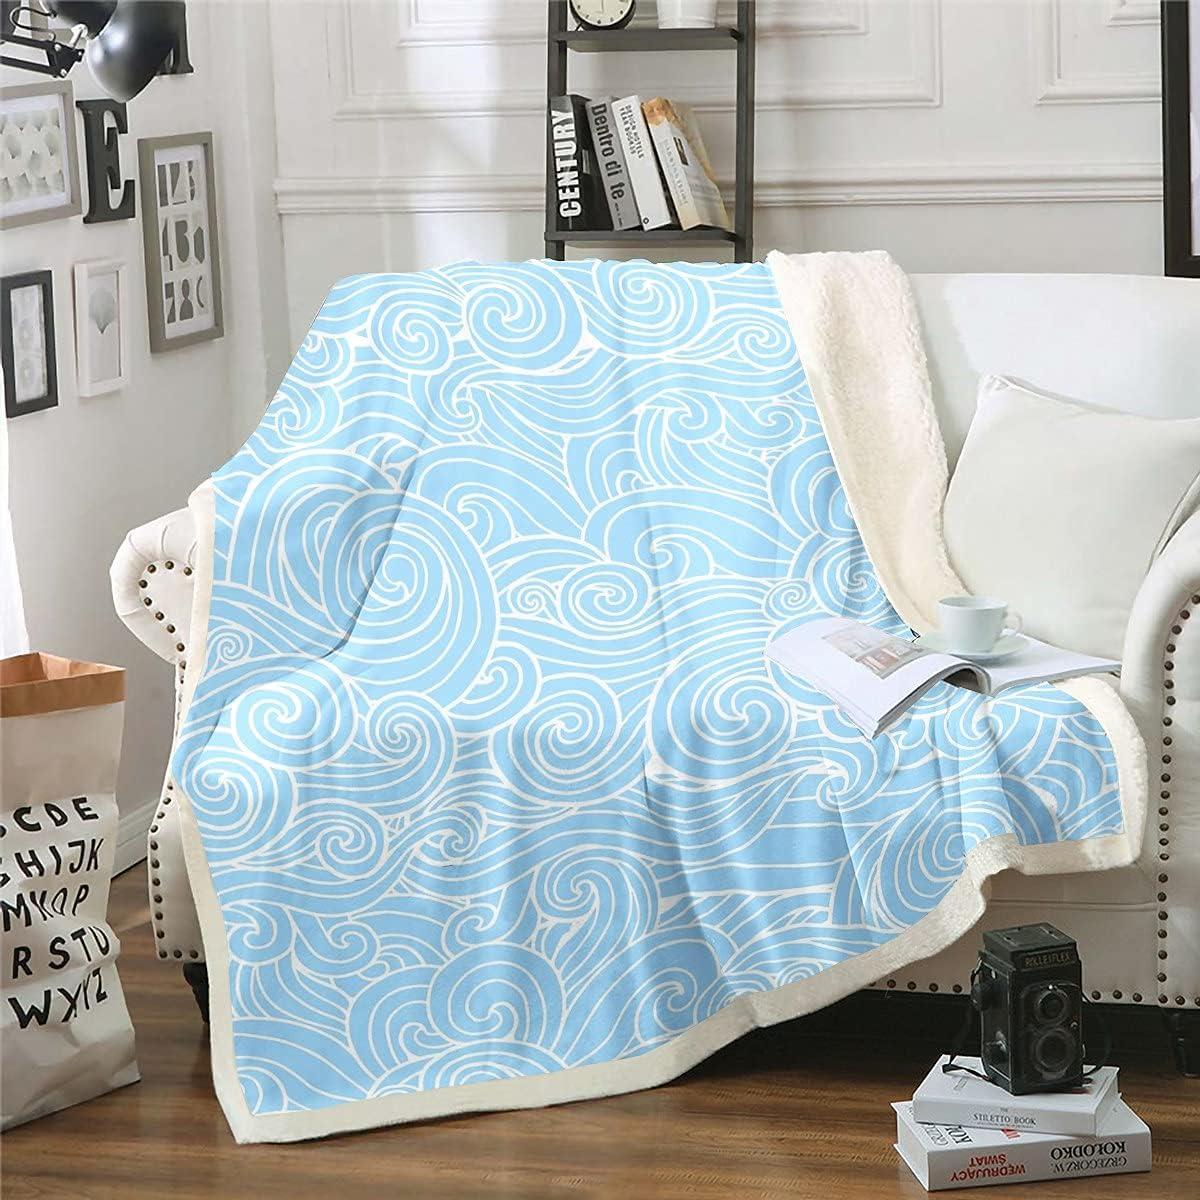 Erosebridal Ocean Wave Sherpa Blanket Iapanese Style Fleece Blanket Lines Blanket Throw for Kids Boys Girls Abstract Art Fuzzy Blanket Sofa Decor Bedroom Decor 30